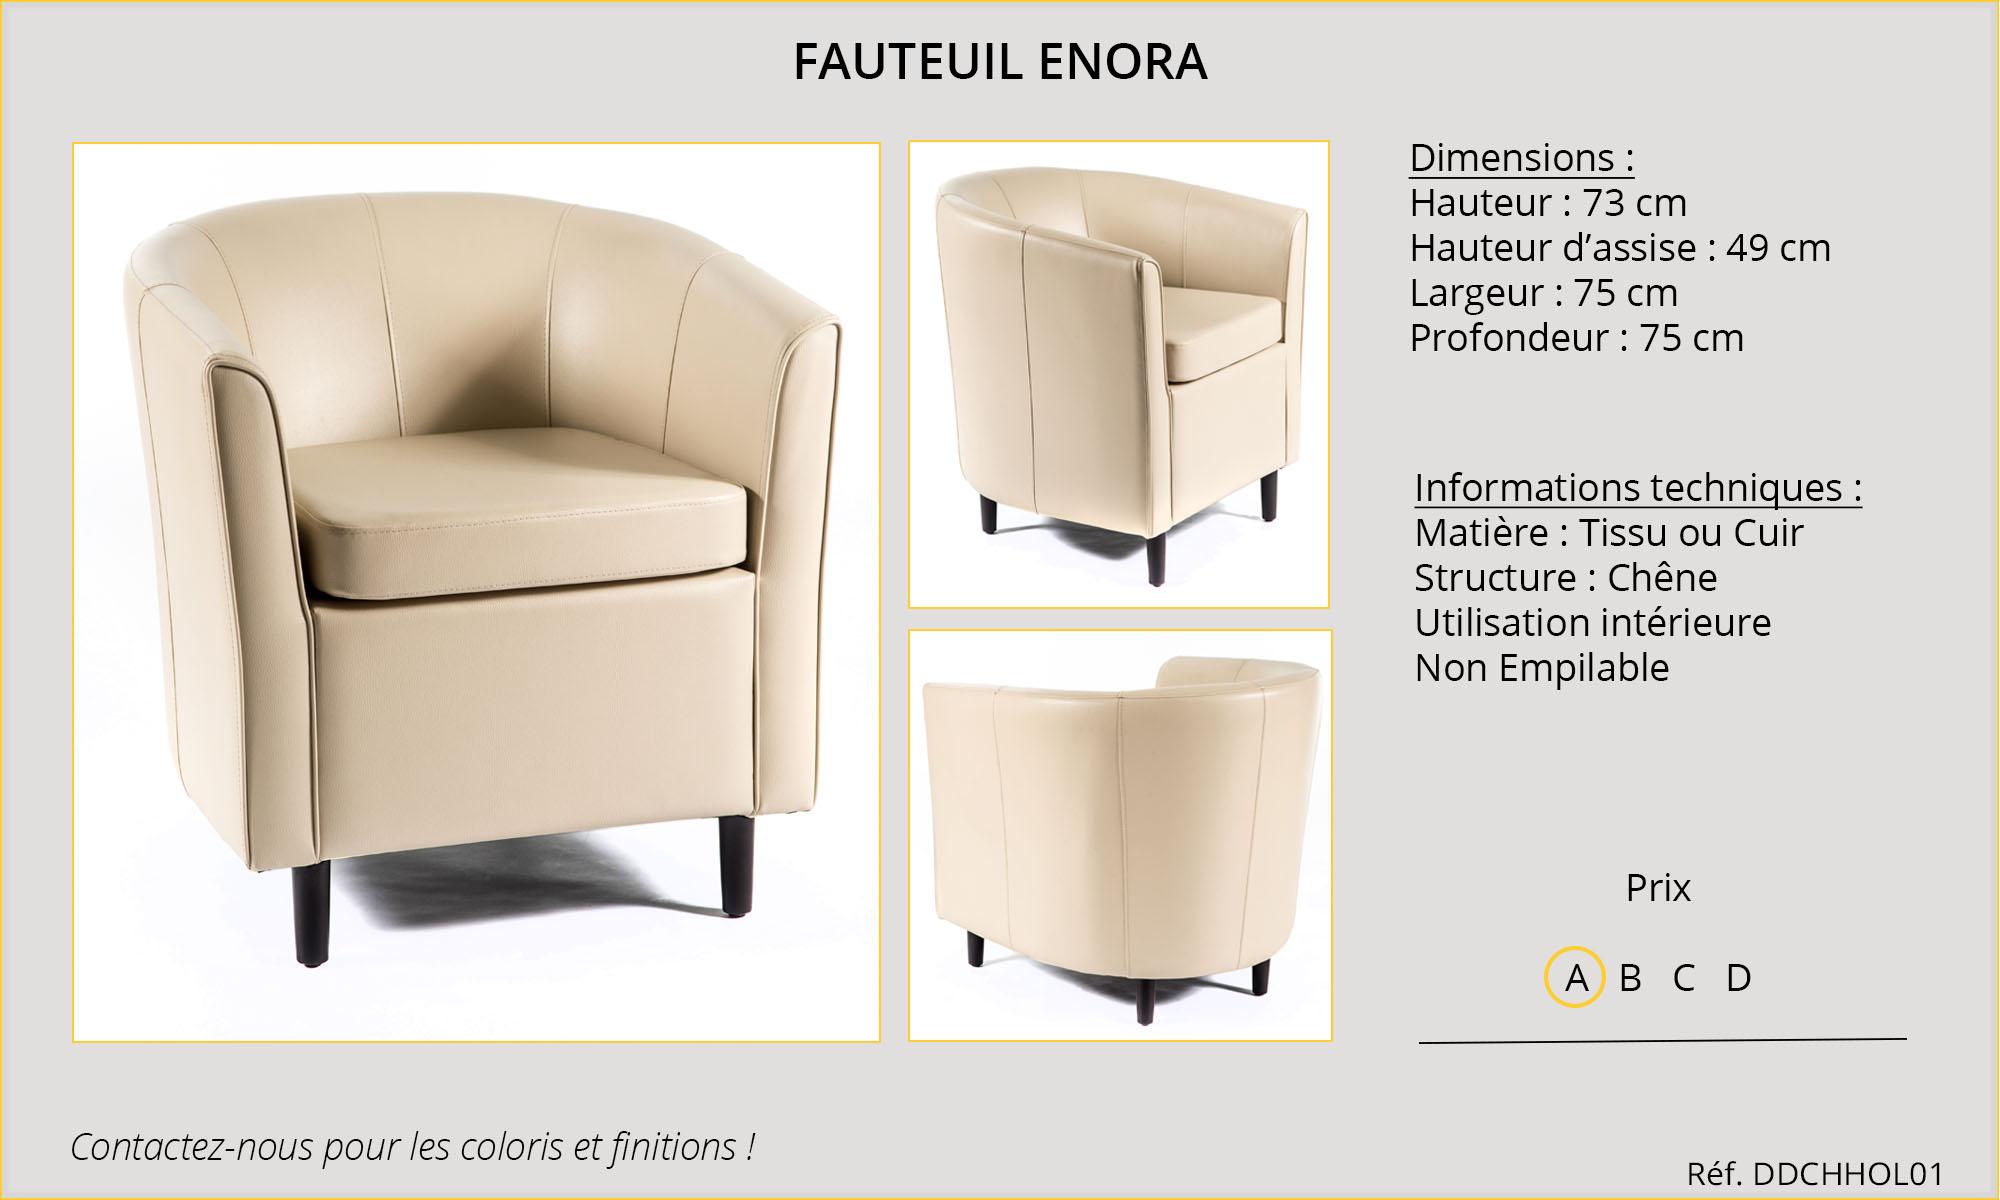 Rideaux HôteRestaurants CHR HORECA fauteuil Enora